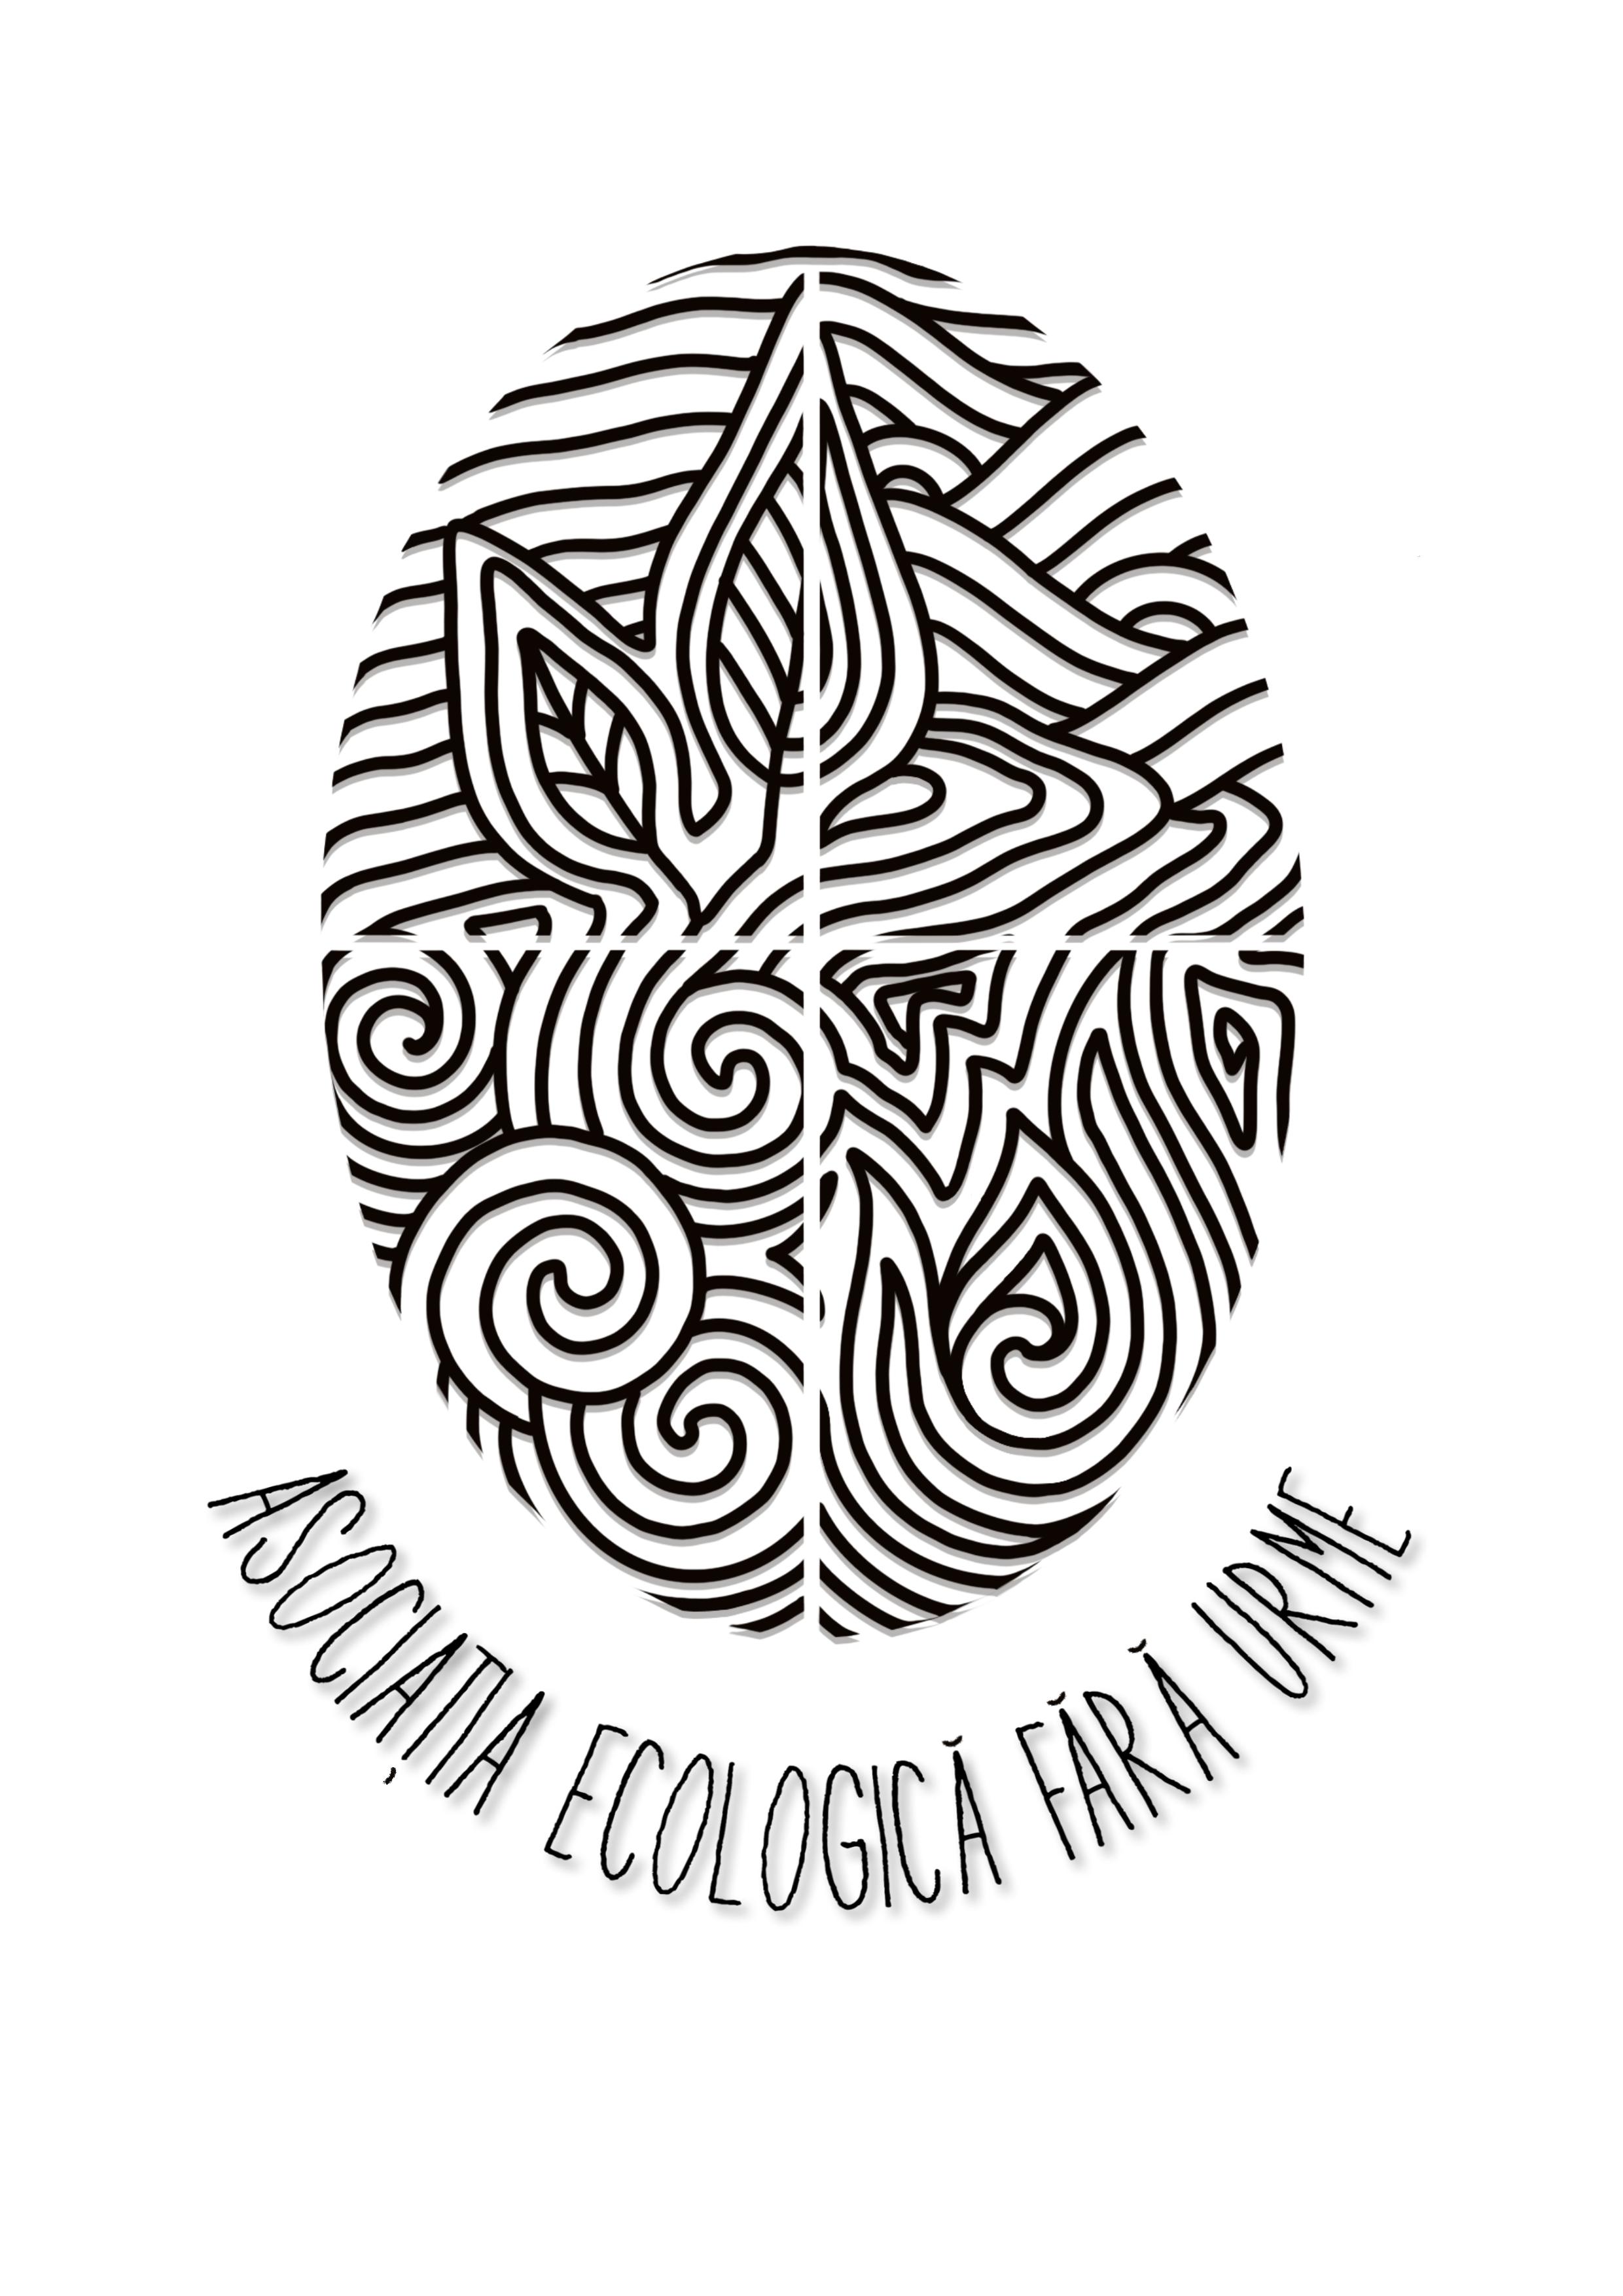 Asociatia Ecologica Fara Urme logo